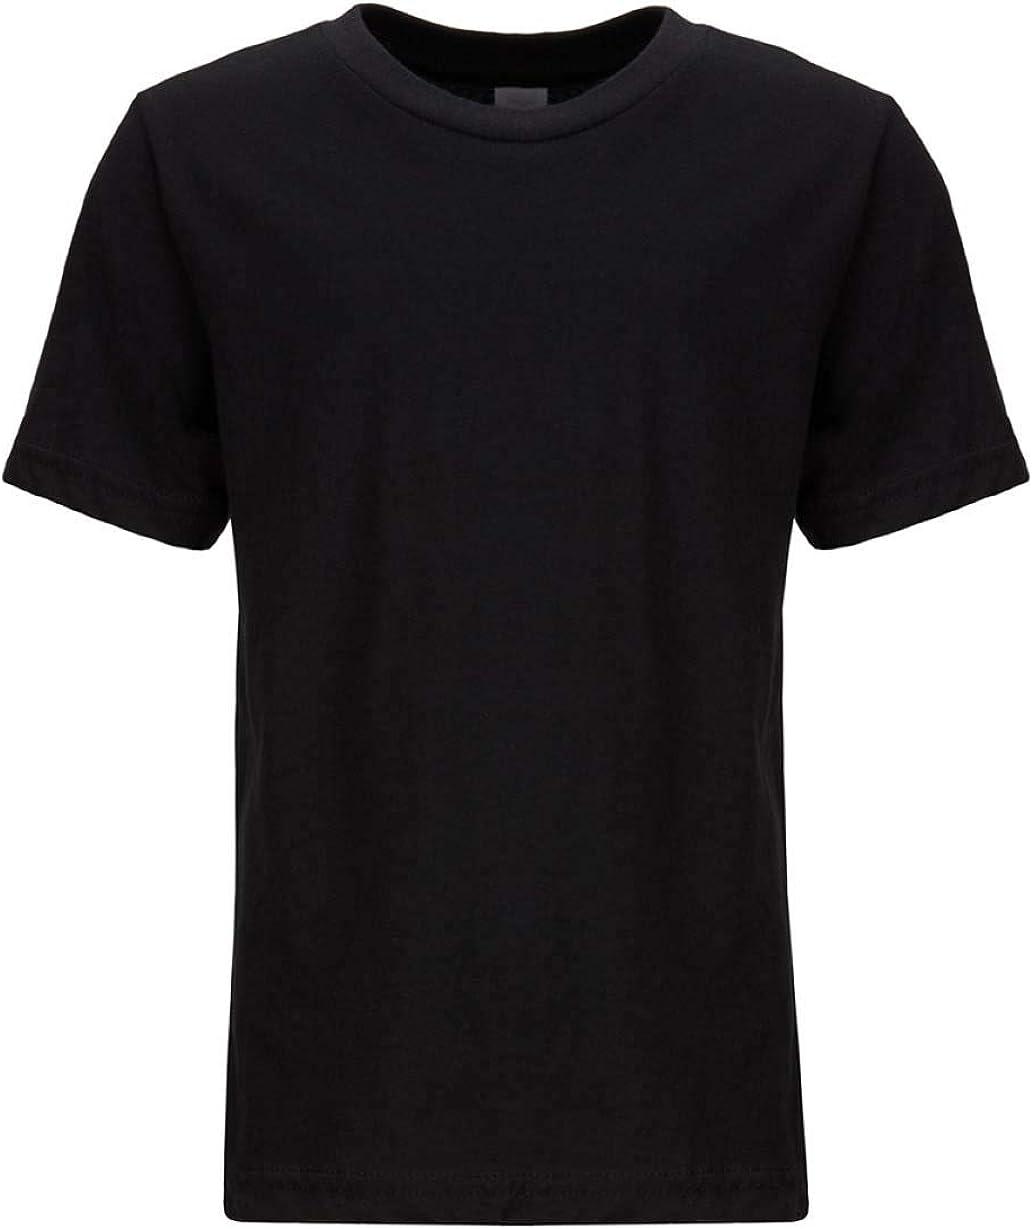 Next Level Kids CVC Crew Neck T-Shirt Black XL